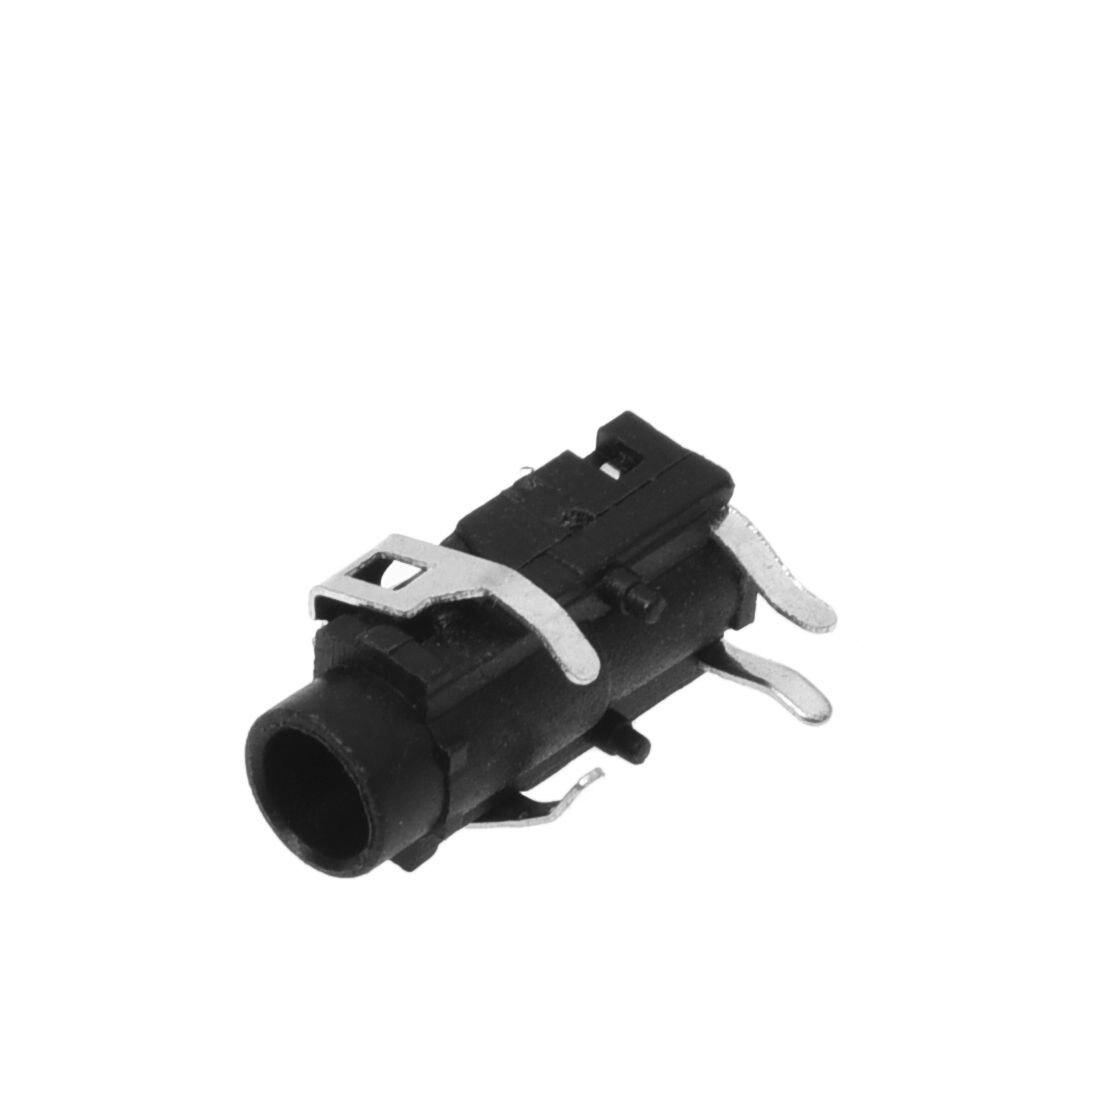 10 шт PCB панель крепление 4 Pin 1/8 &quot3 5 мм гнездо стерео разъем для наушников|3.5mm stereo